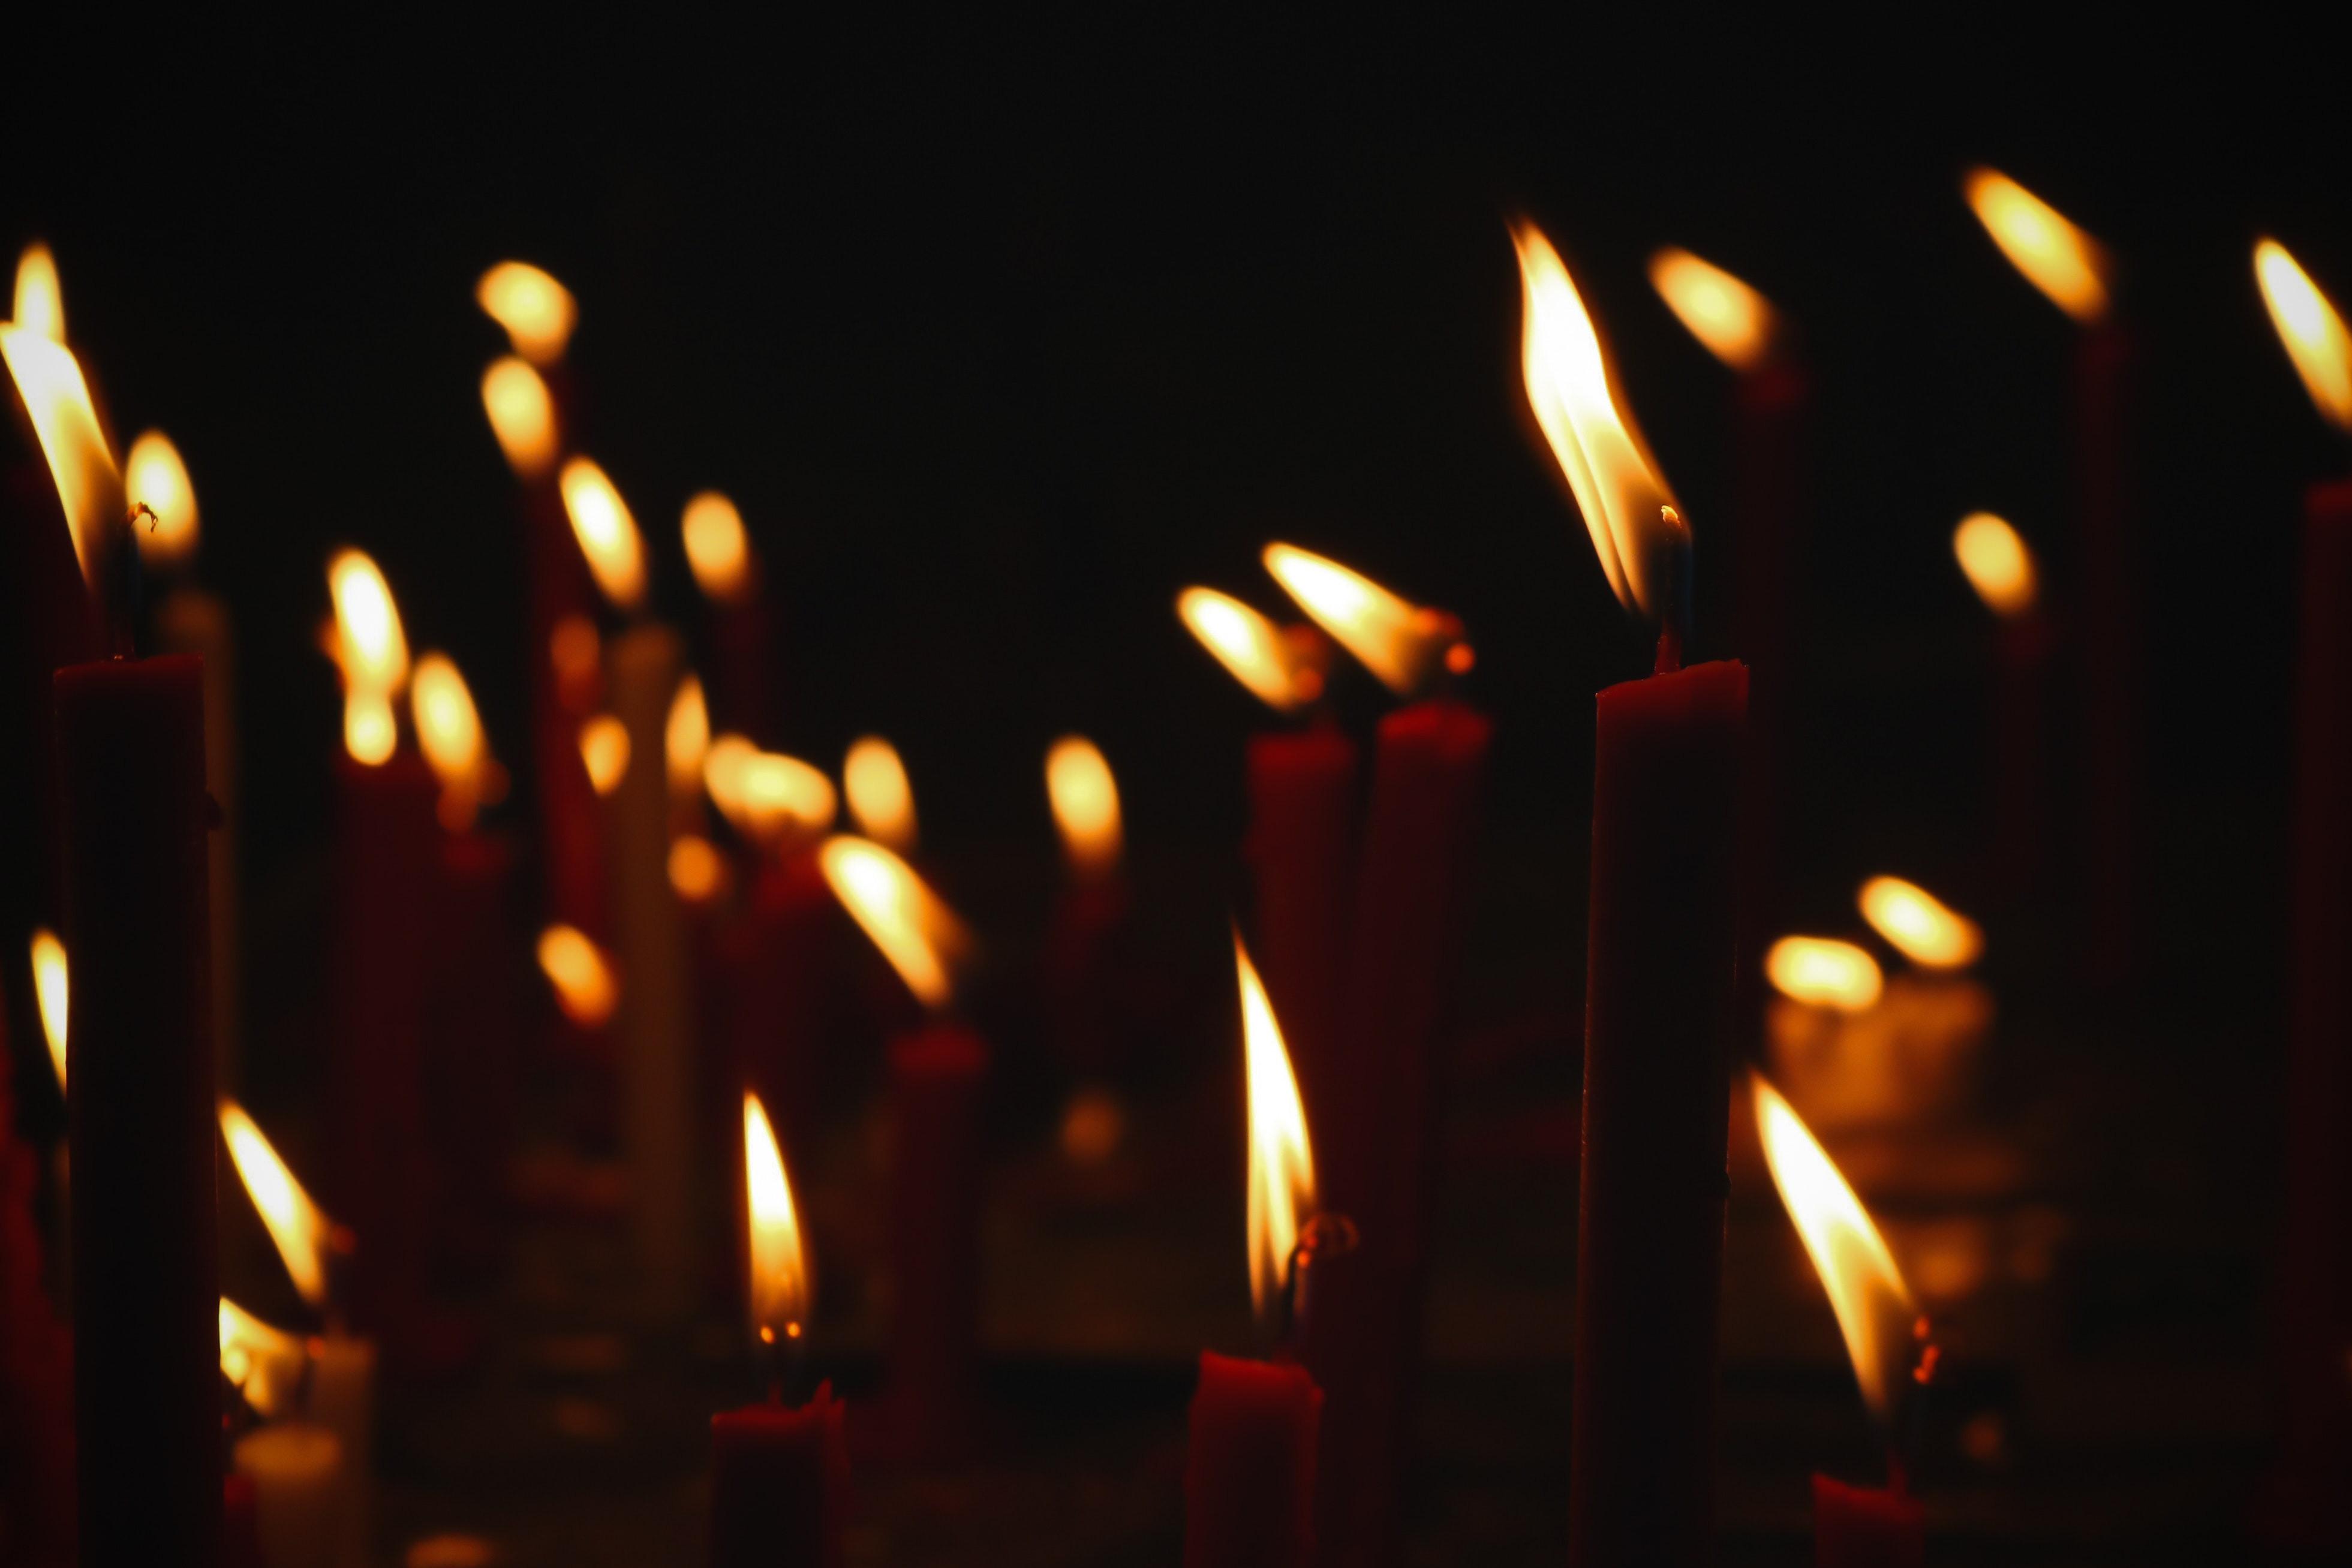 22 червня день пам'яті і скорботи